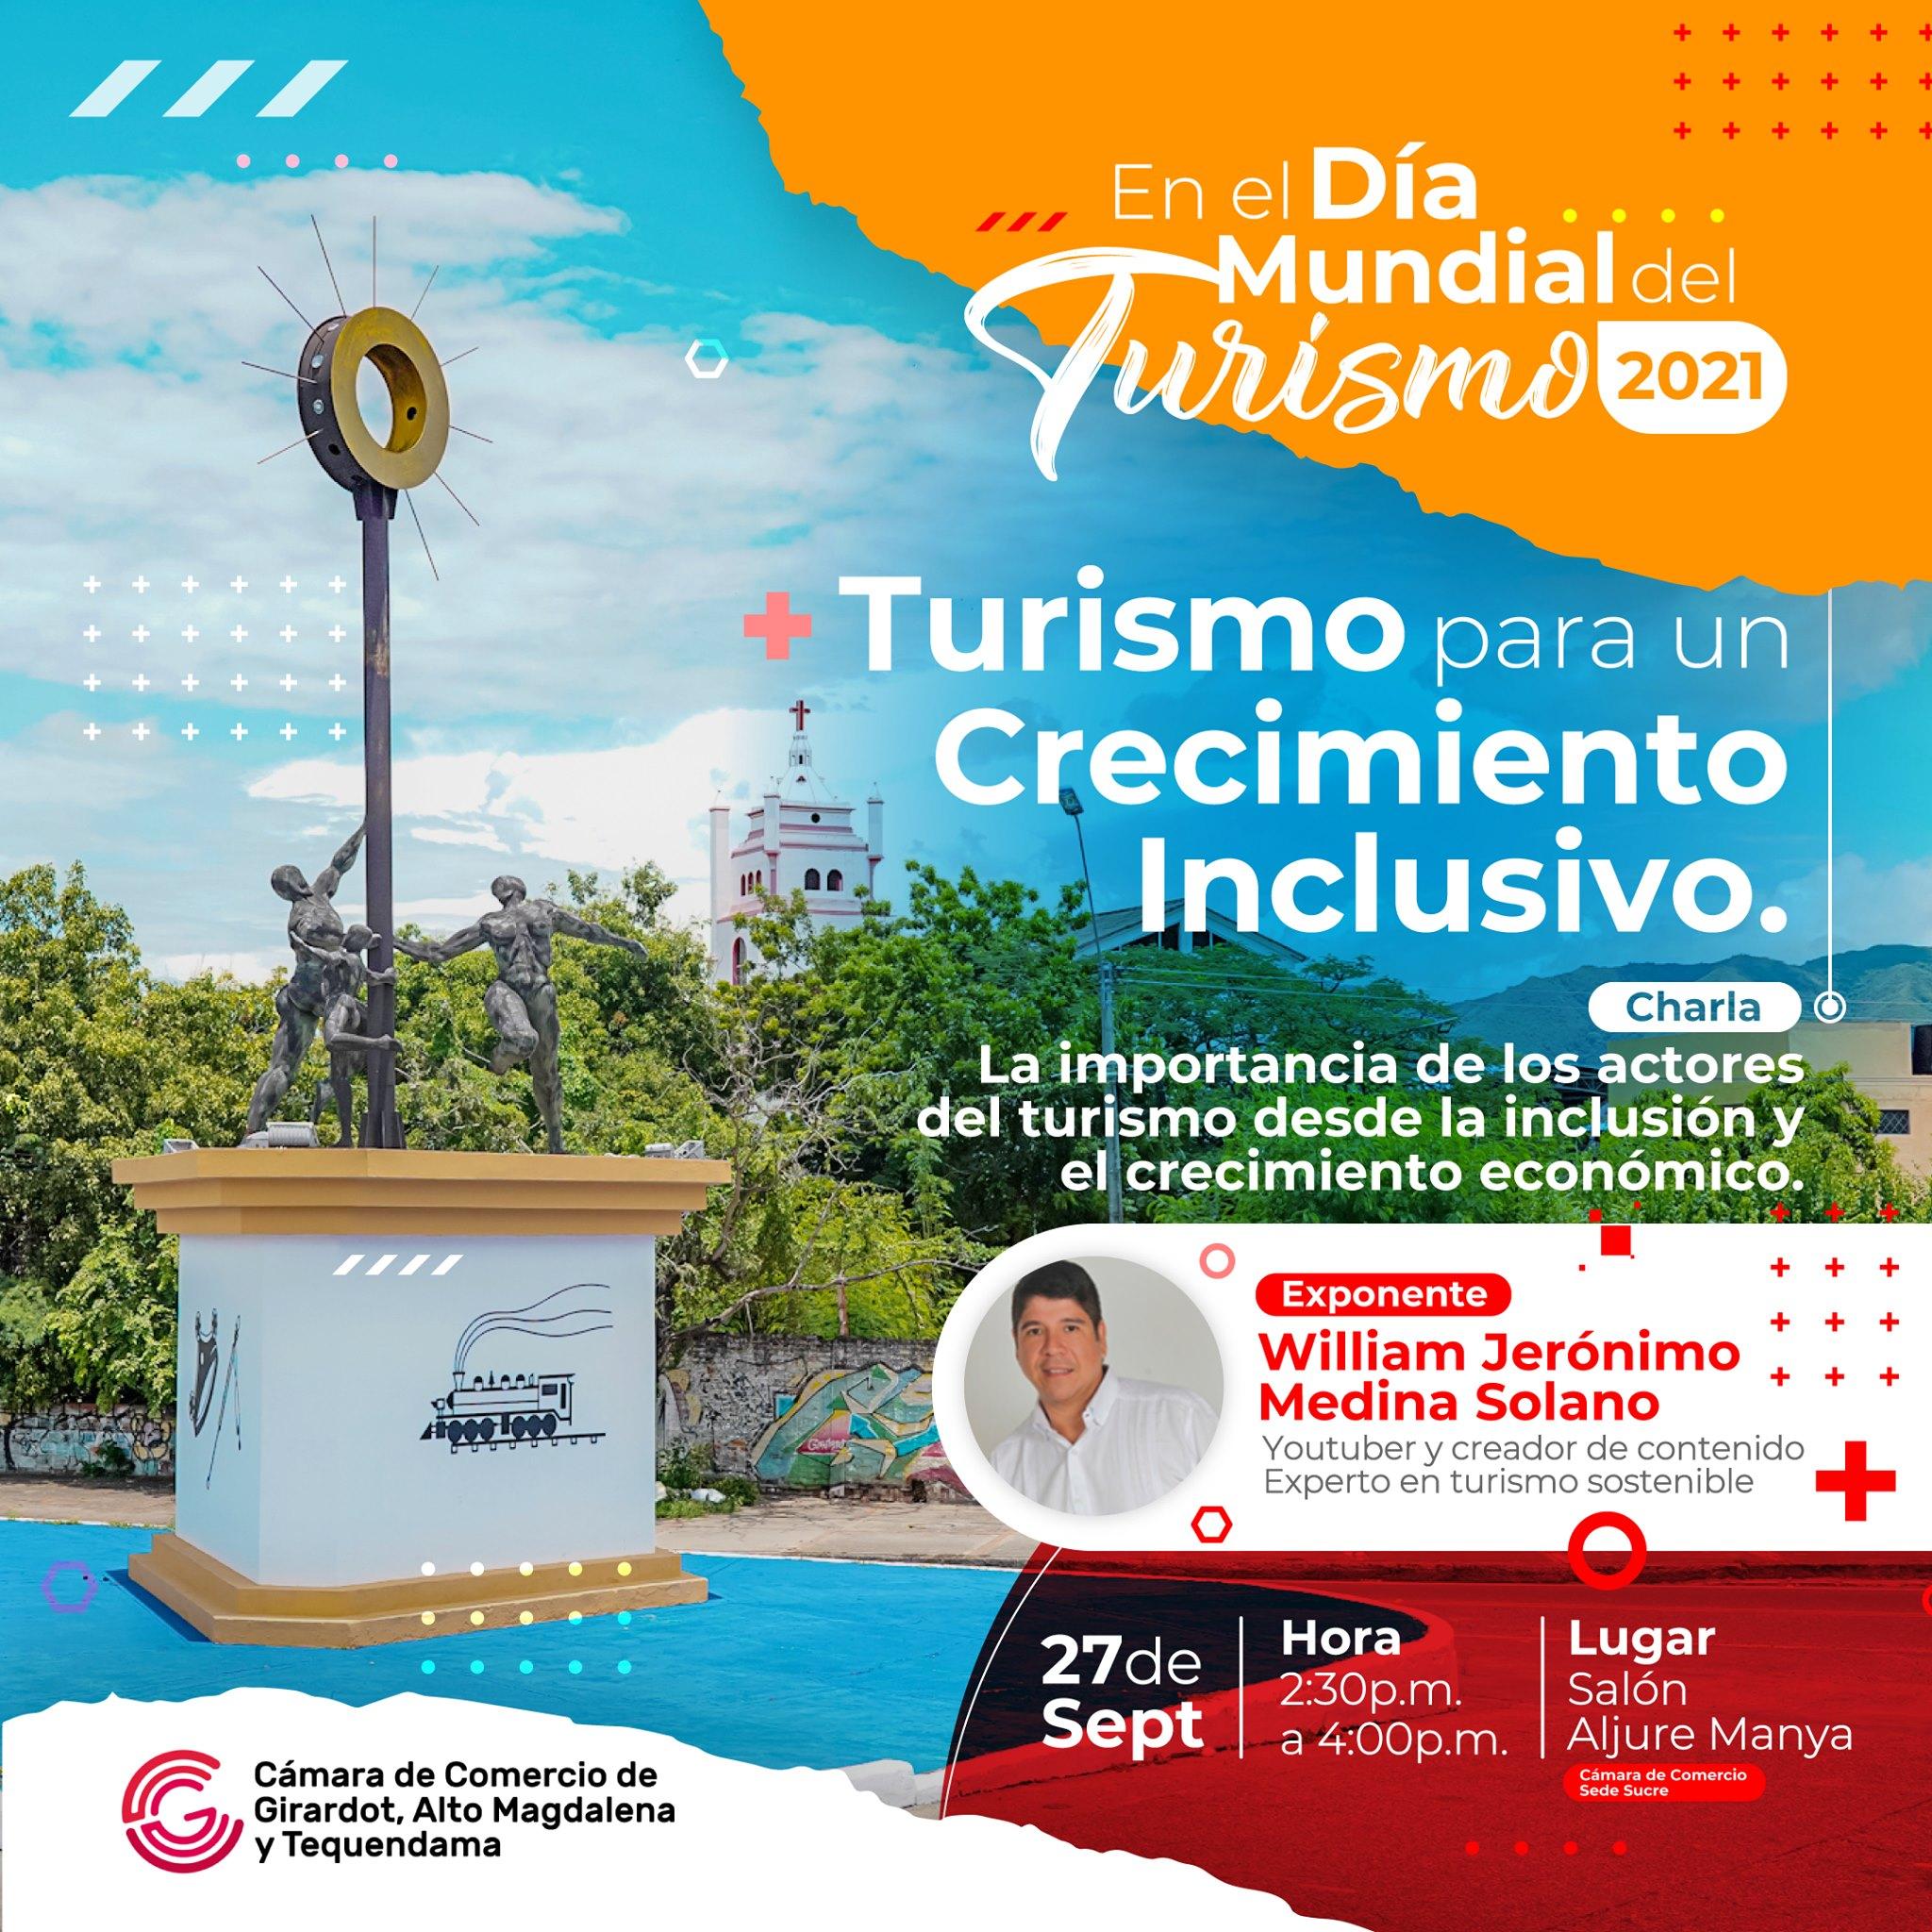 Turismo para un crecimiento económico